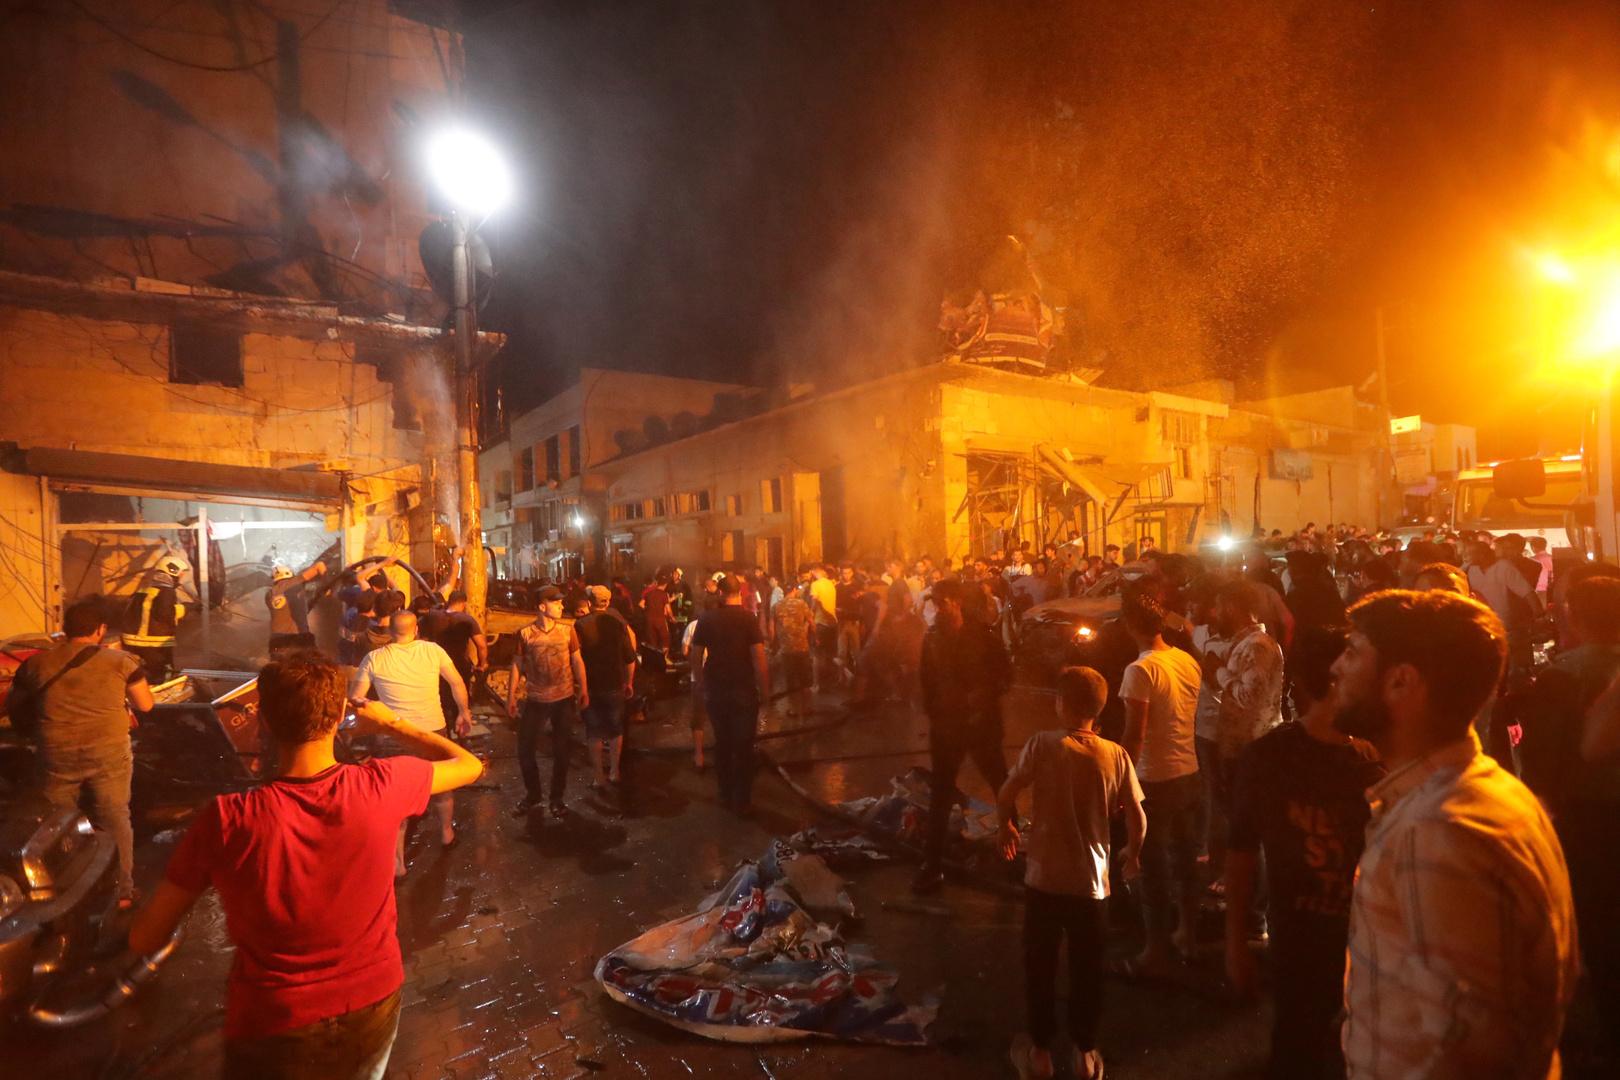 موقع انفجار في مدينة إعزاز شمال سوريا